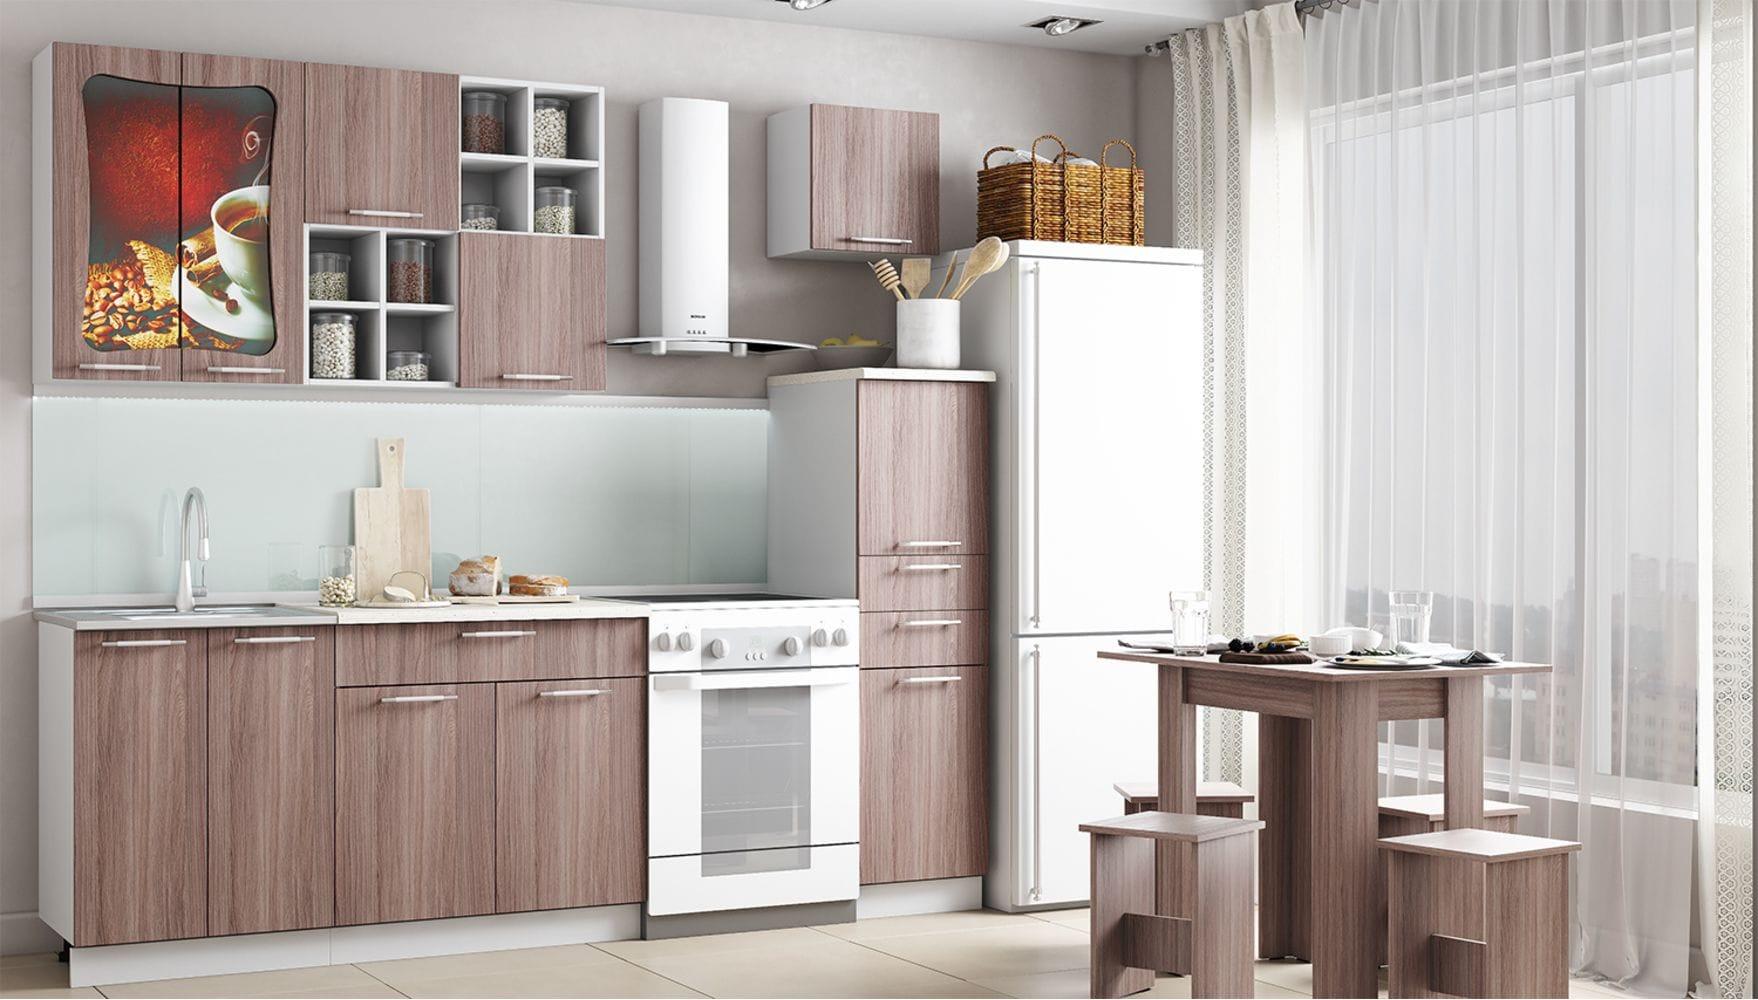 Кухонный гарнитур Легенда-11 (1,8)